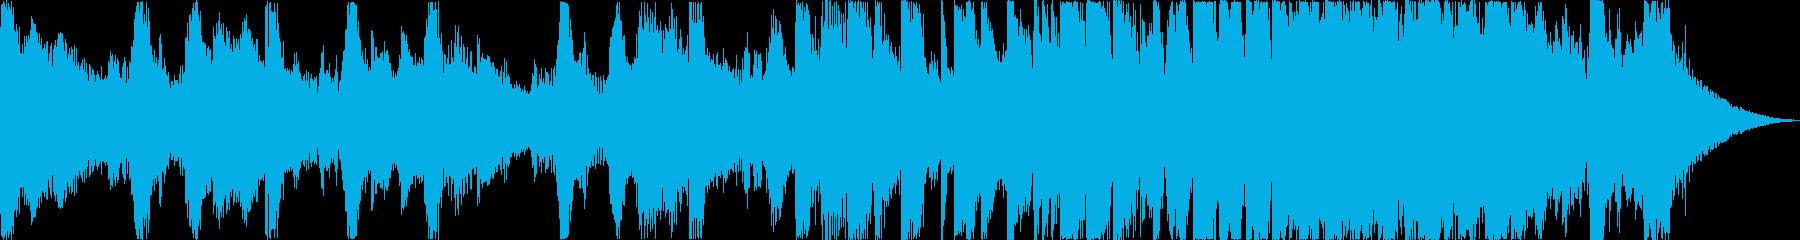 爽やか洋楽チルアウトフューチャーベースeの再生済みの波形